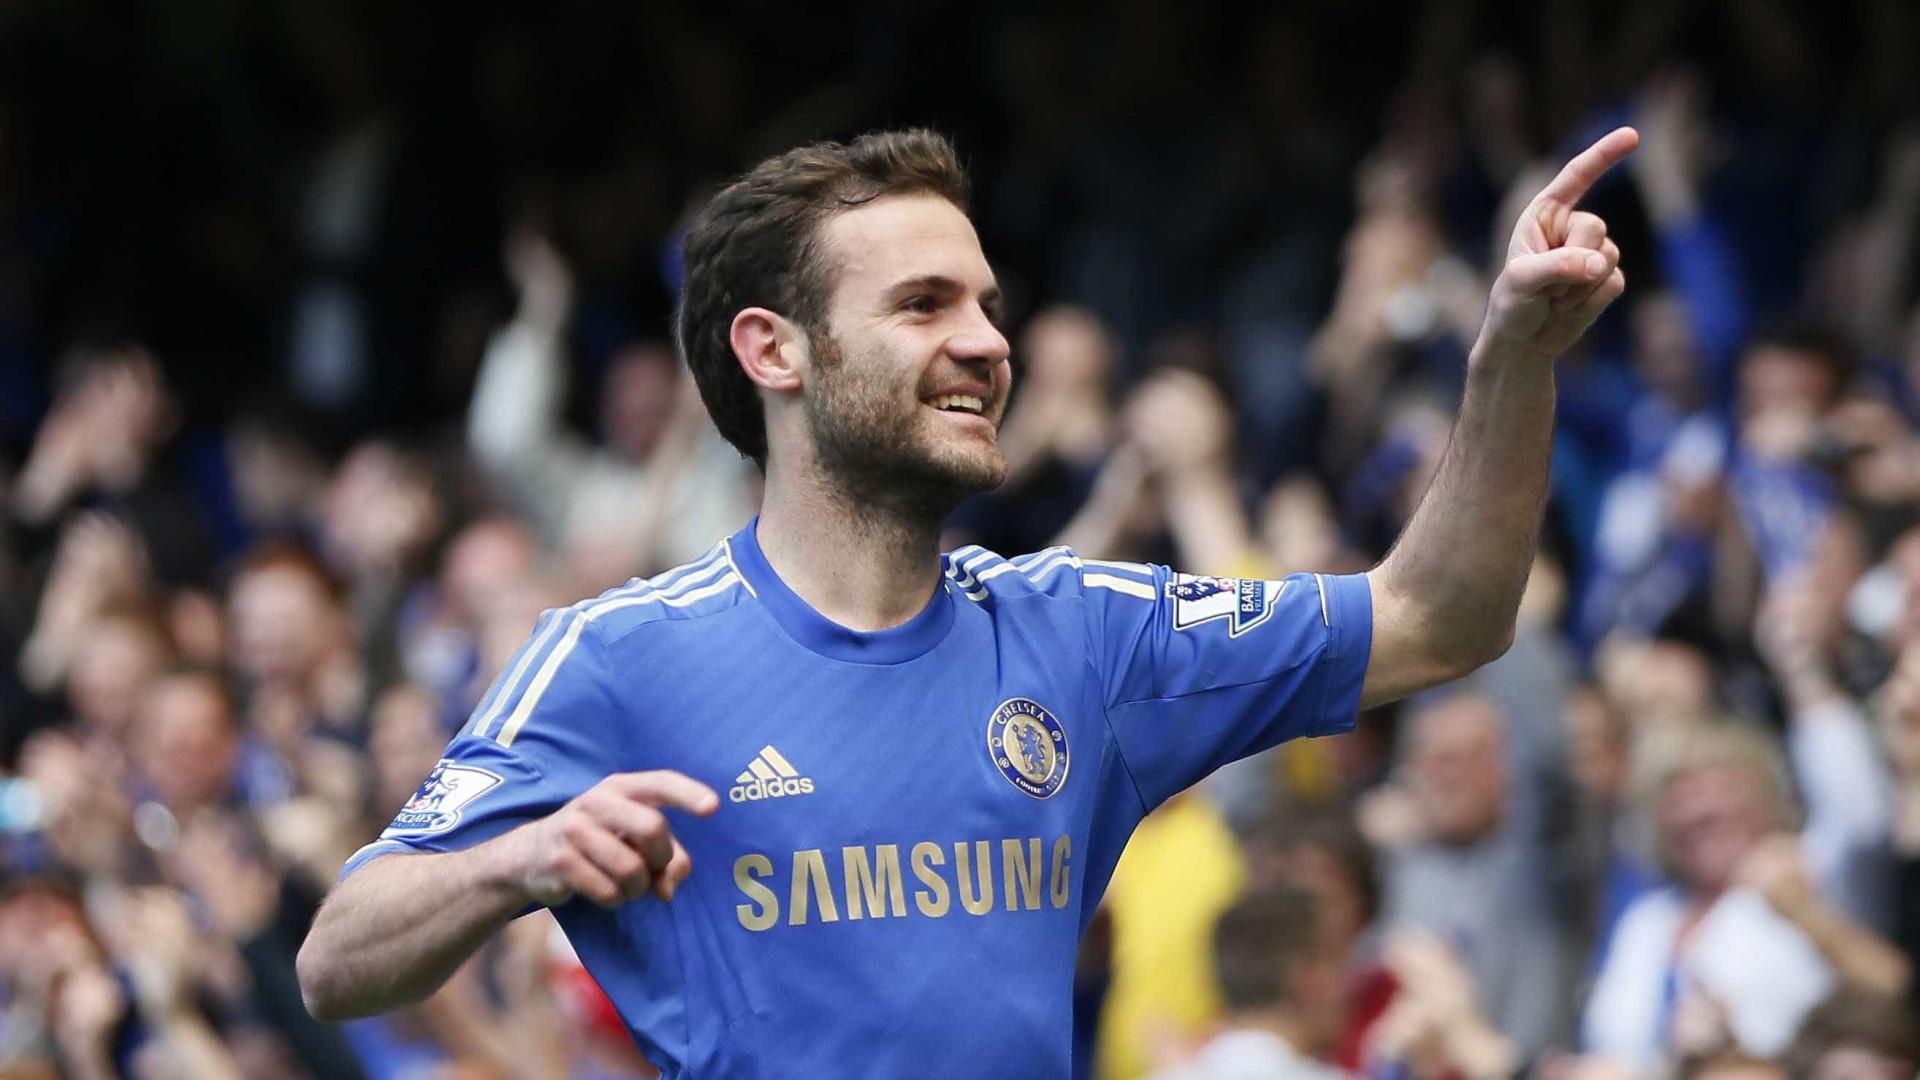 Manchester United renova contrato do espanhol Juan Mata até 2021